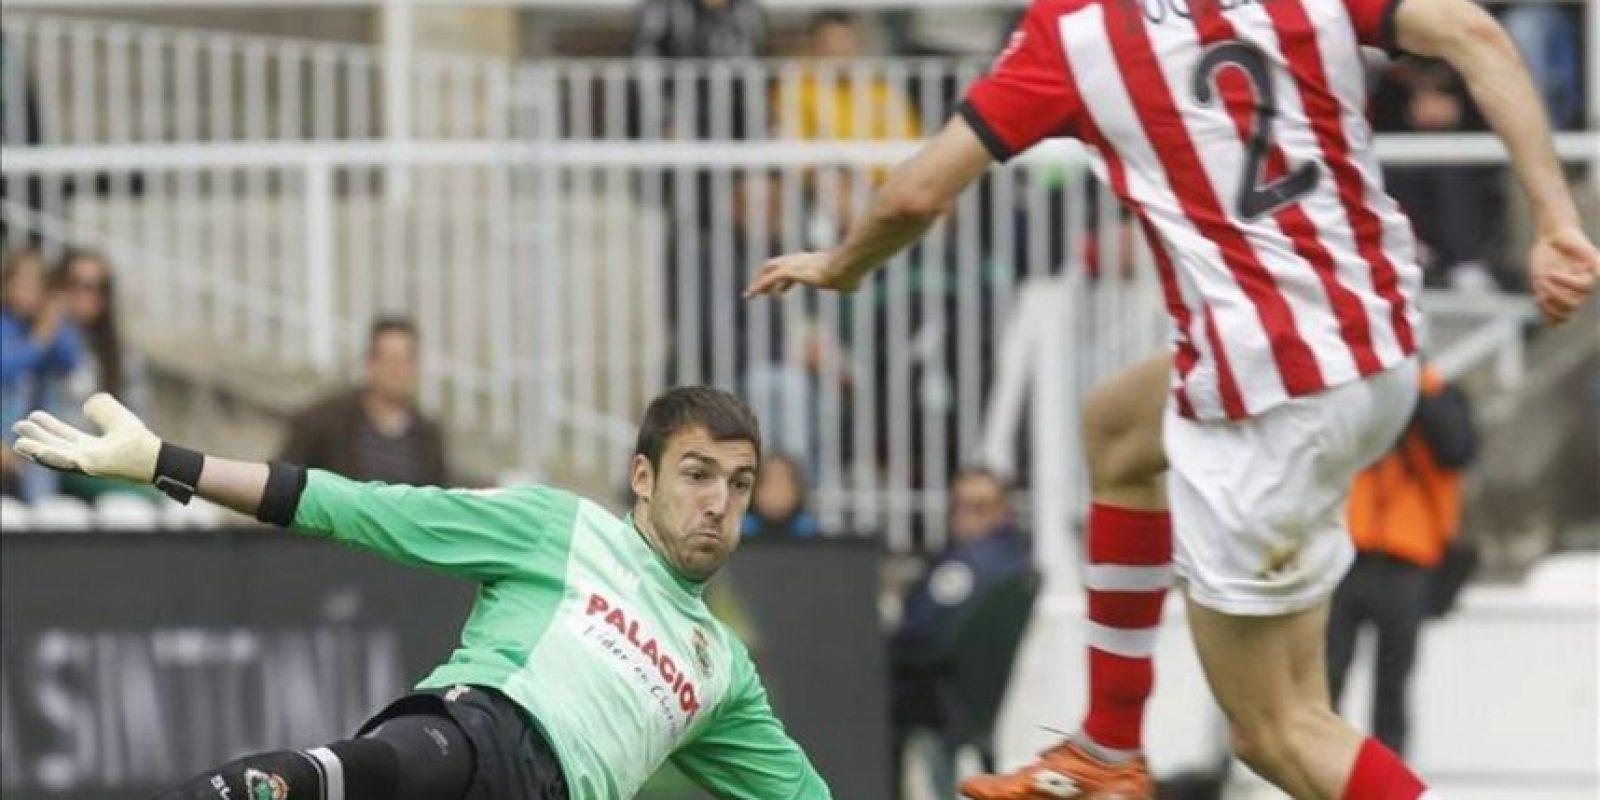 El portero del Racing de Santander, Mario Fernández (i), trata de atajar un lanzamiento del delantero del Athletic de Bilbao Gaizka Toquero durante el encuentro, correspondiente a la trigésimo quinta jornada de la Liga de Primera División en el estadio del Sardinero. EFE